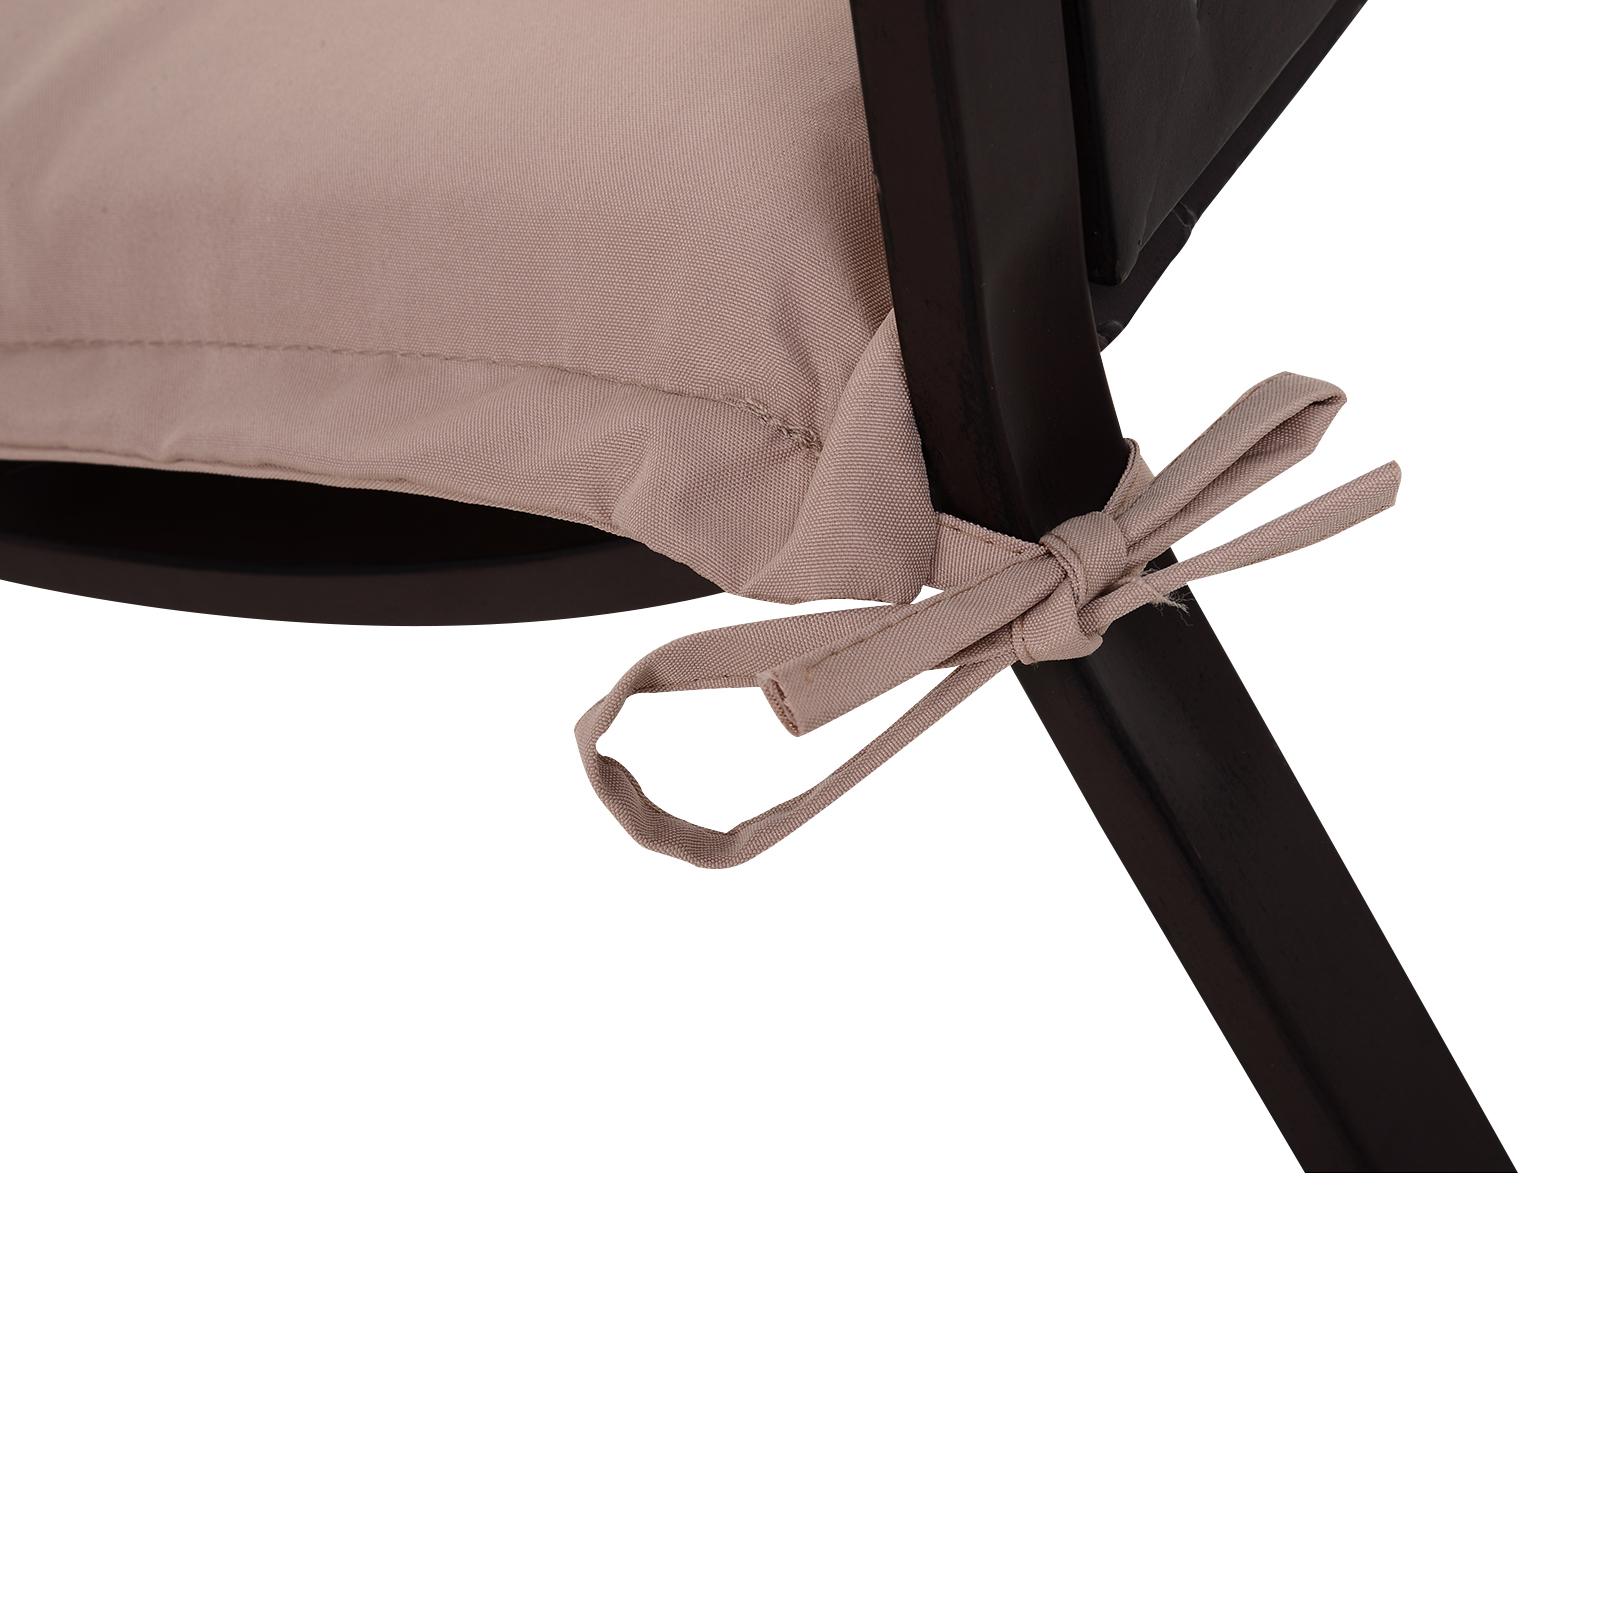 Indexbild 16 - Outsunny Bankauflage 2er Set Bankkissen Sitzkissen Polster Polyester